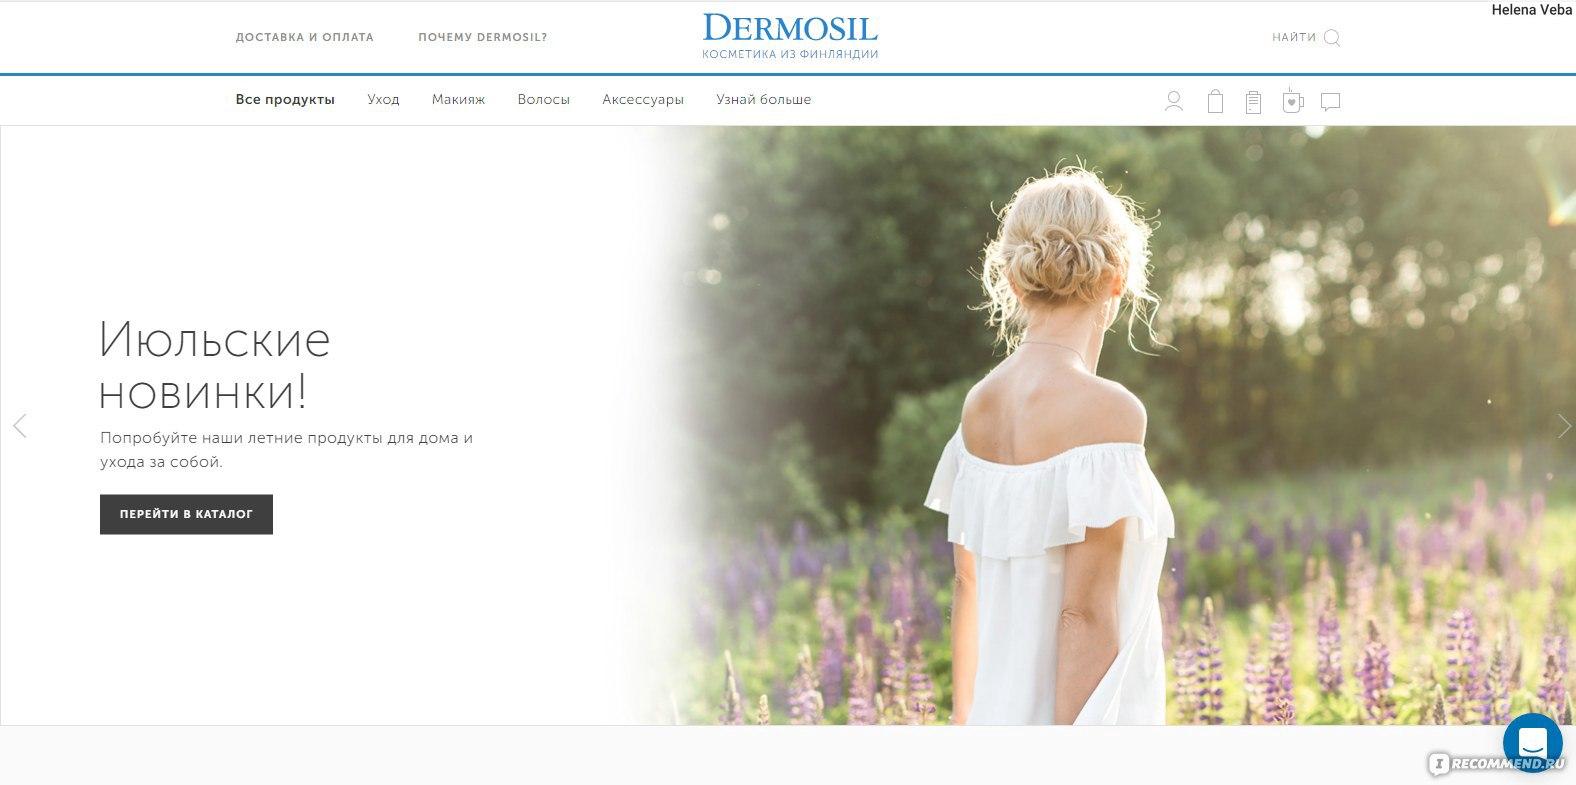 Интернет магазин косметика из финляндии